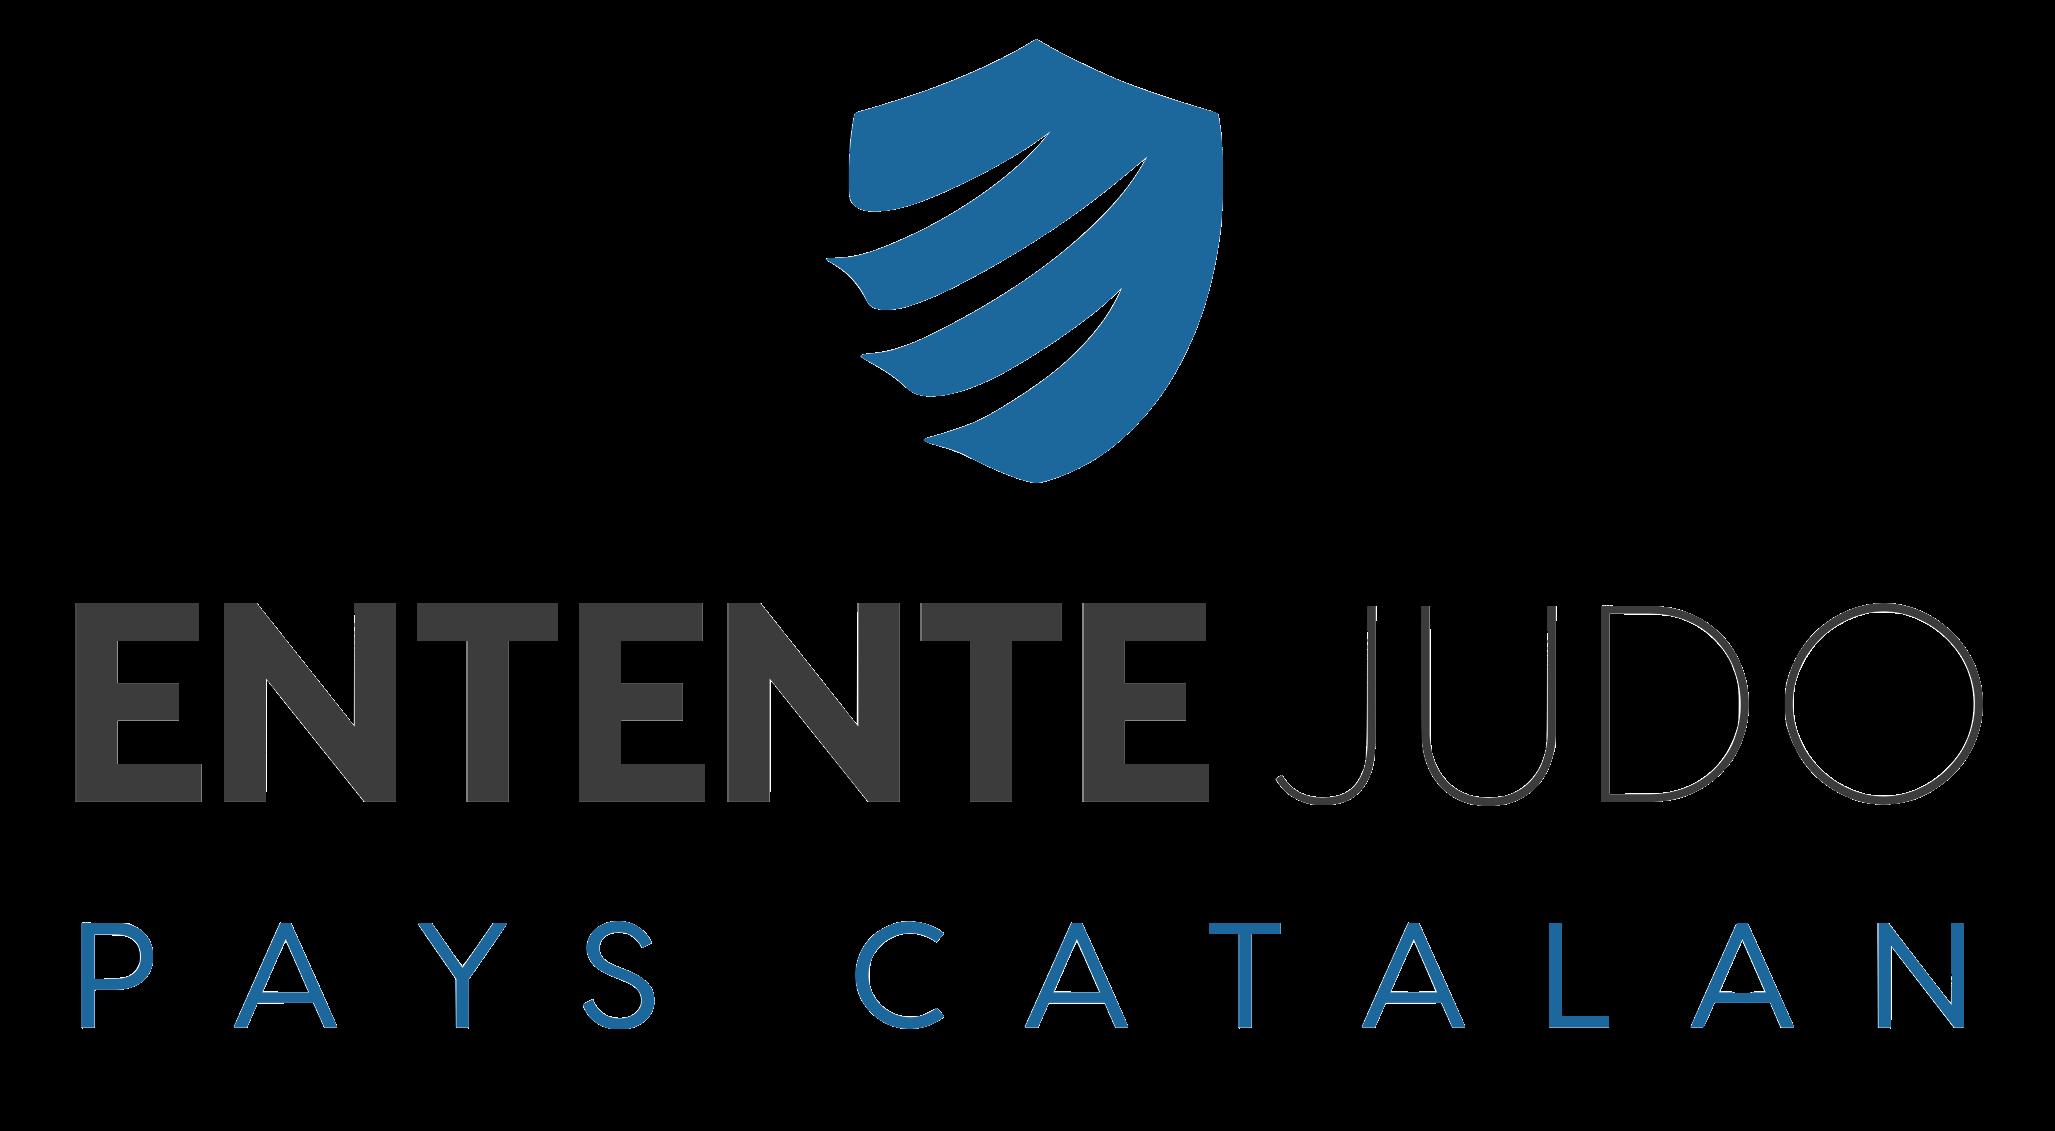 Entente judo pays catalan logo